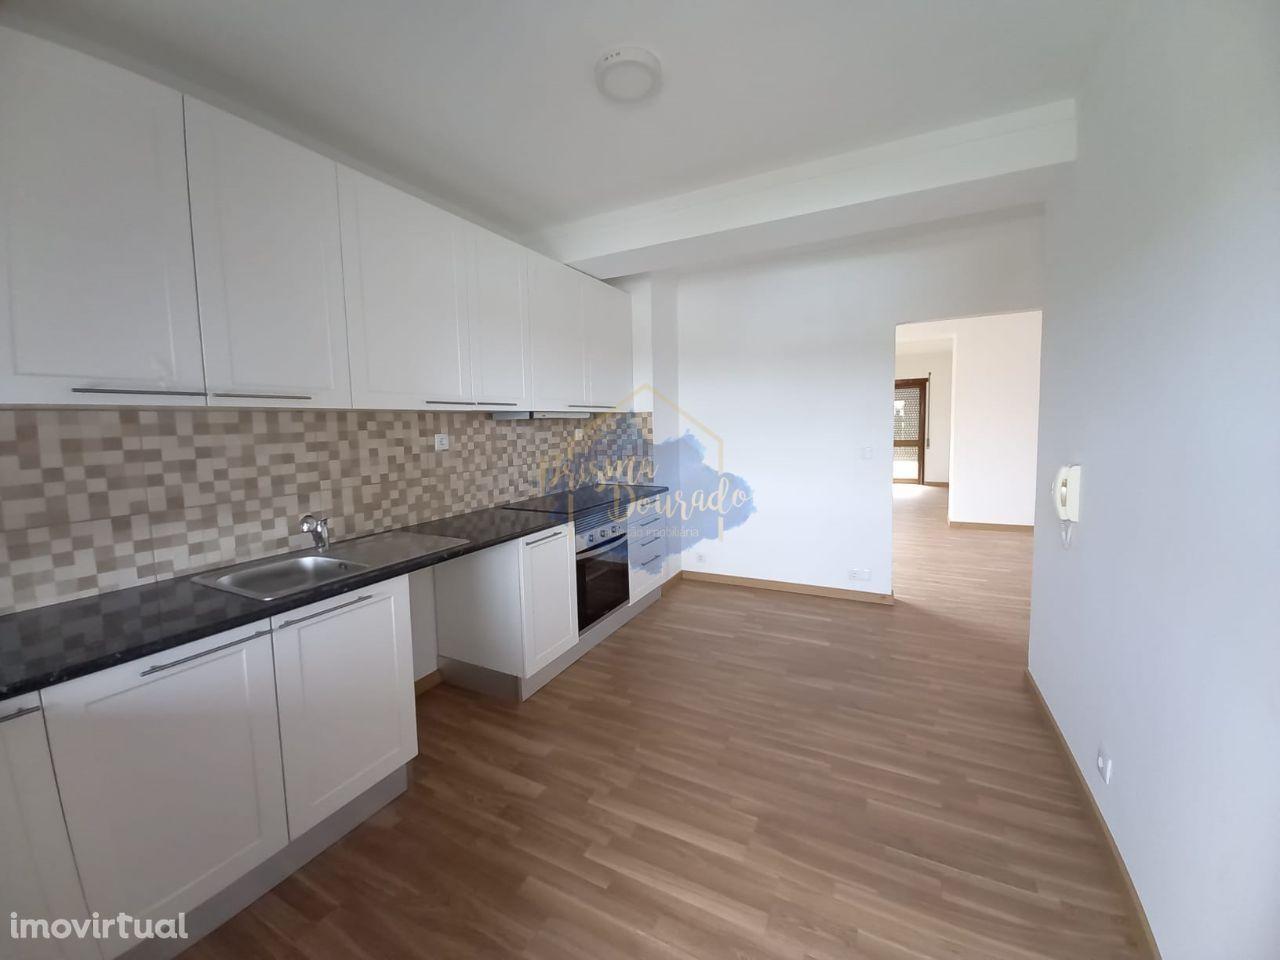 Apartamento T3 Remodelado em Oliveira de Azemeis